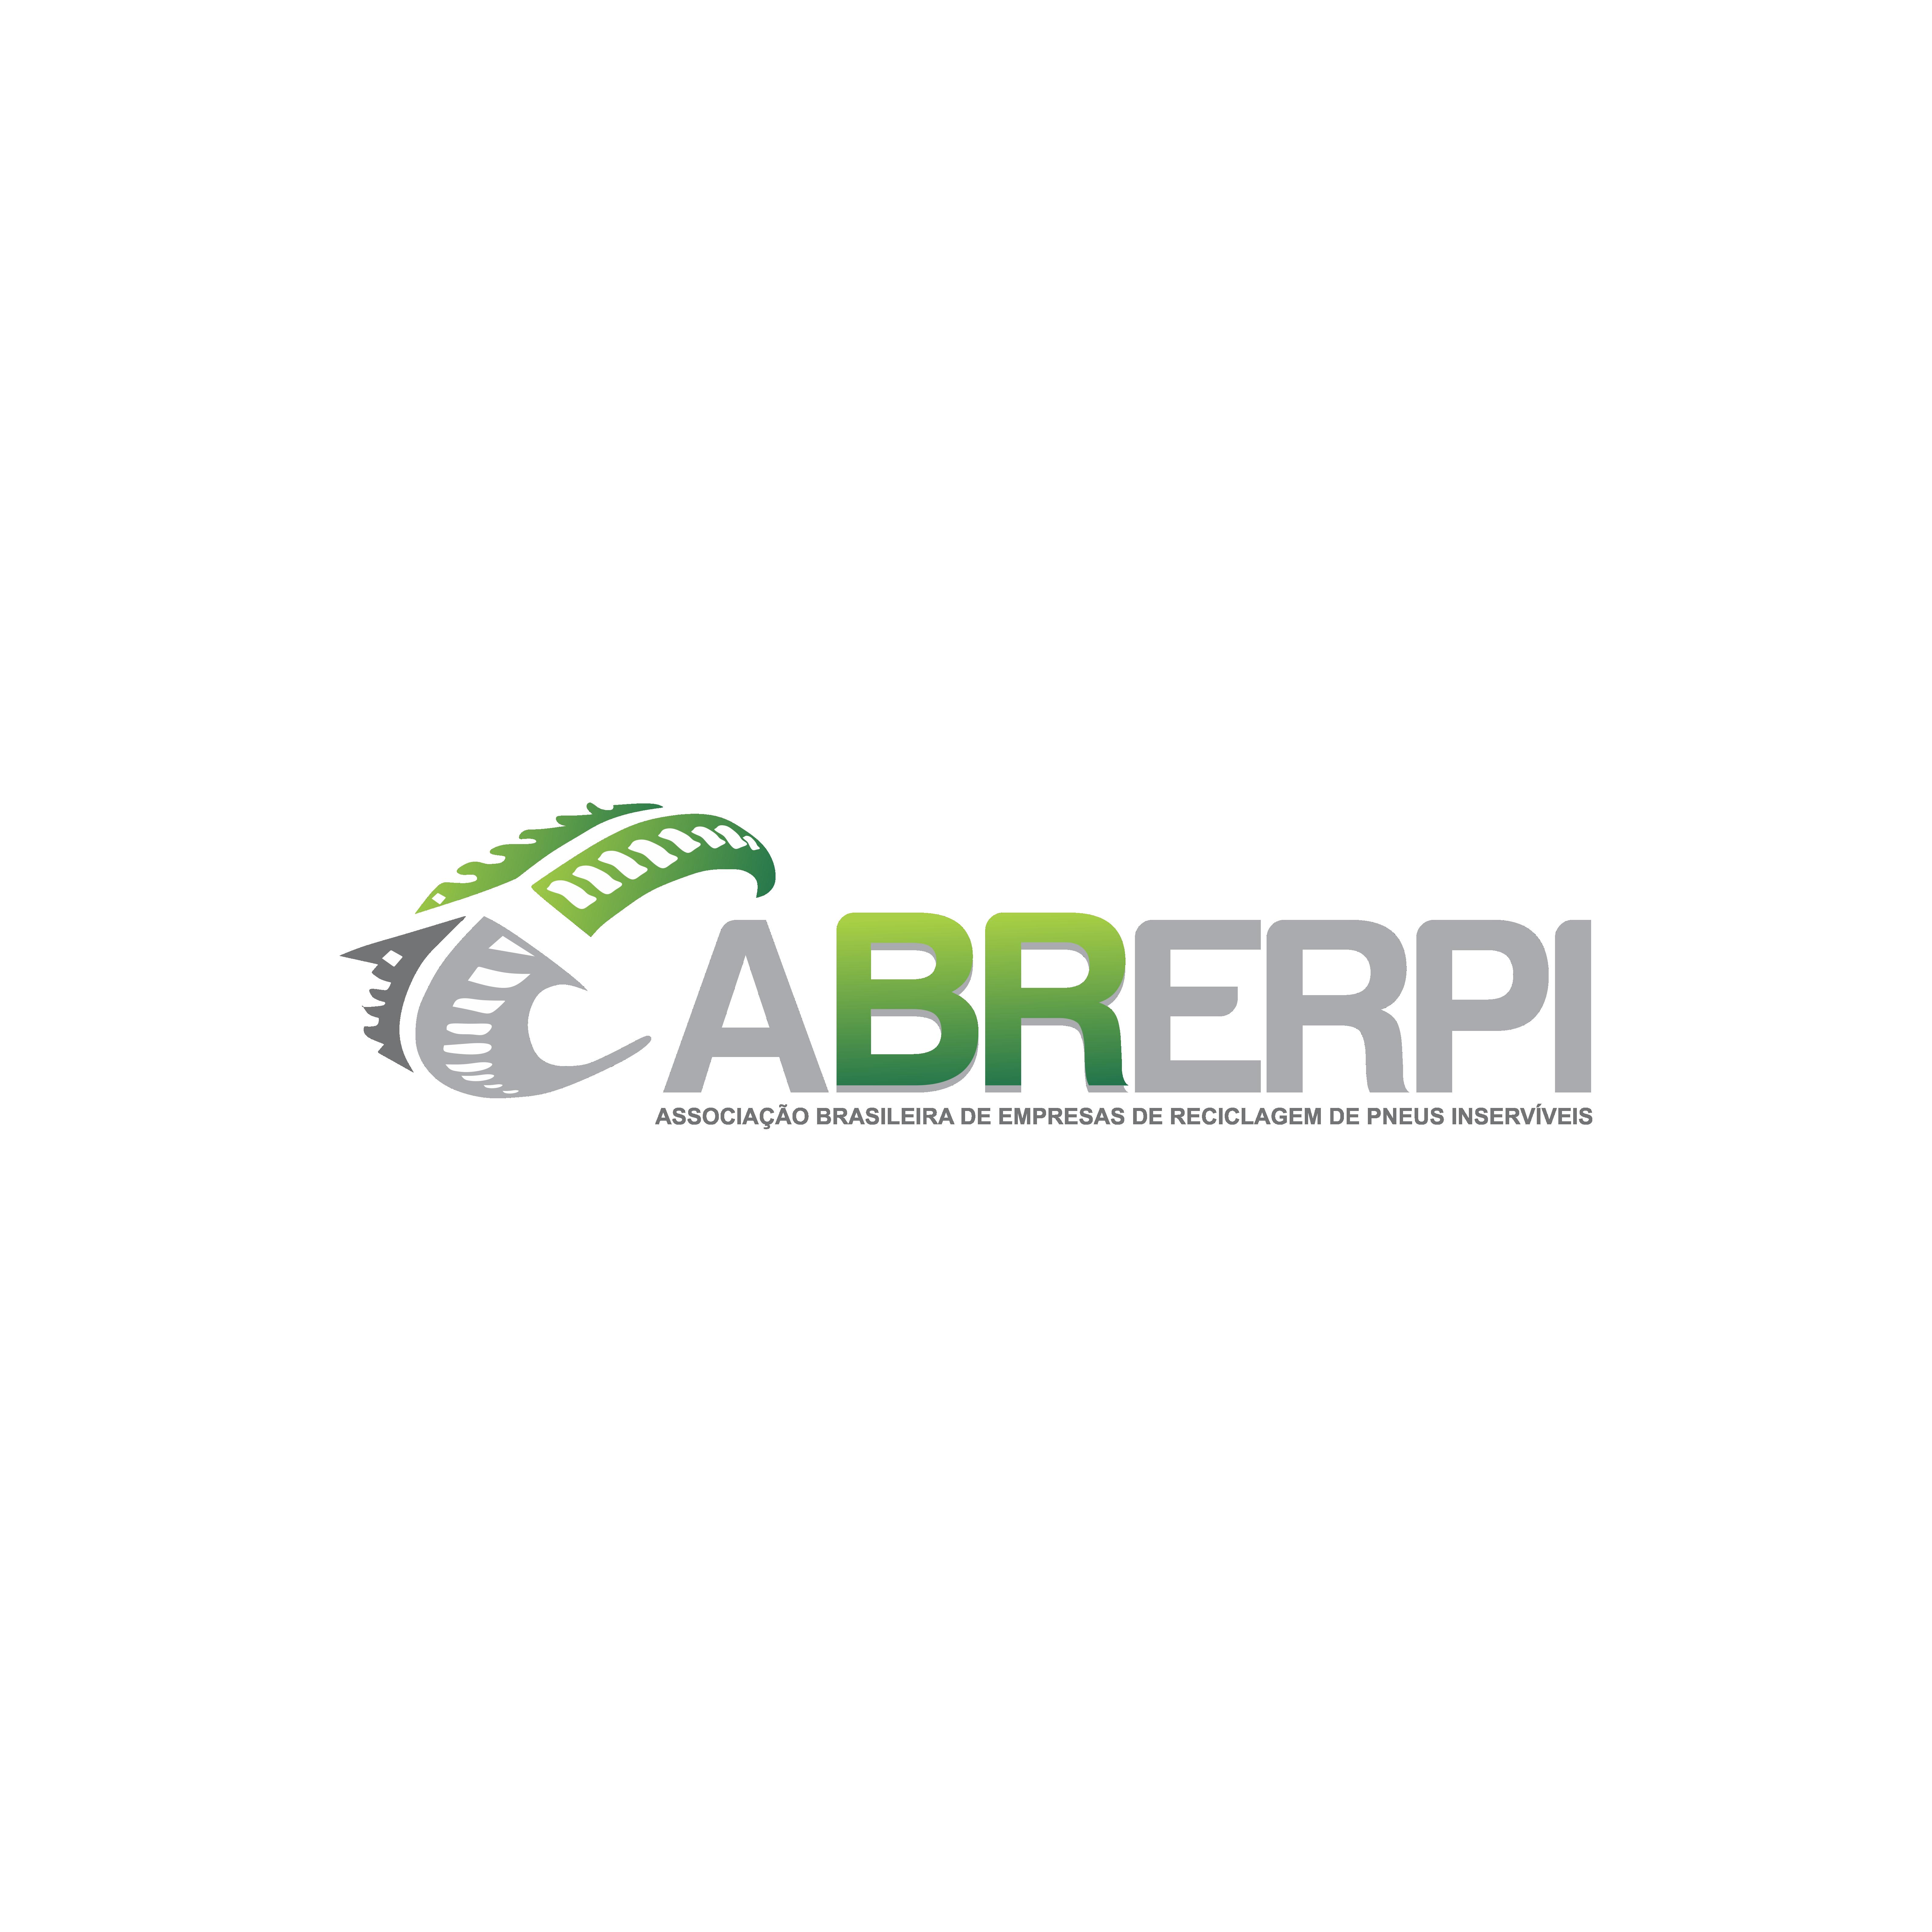 ABRERPI - PNG